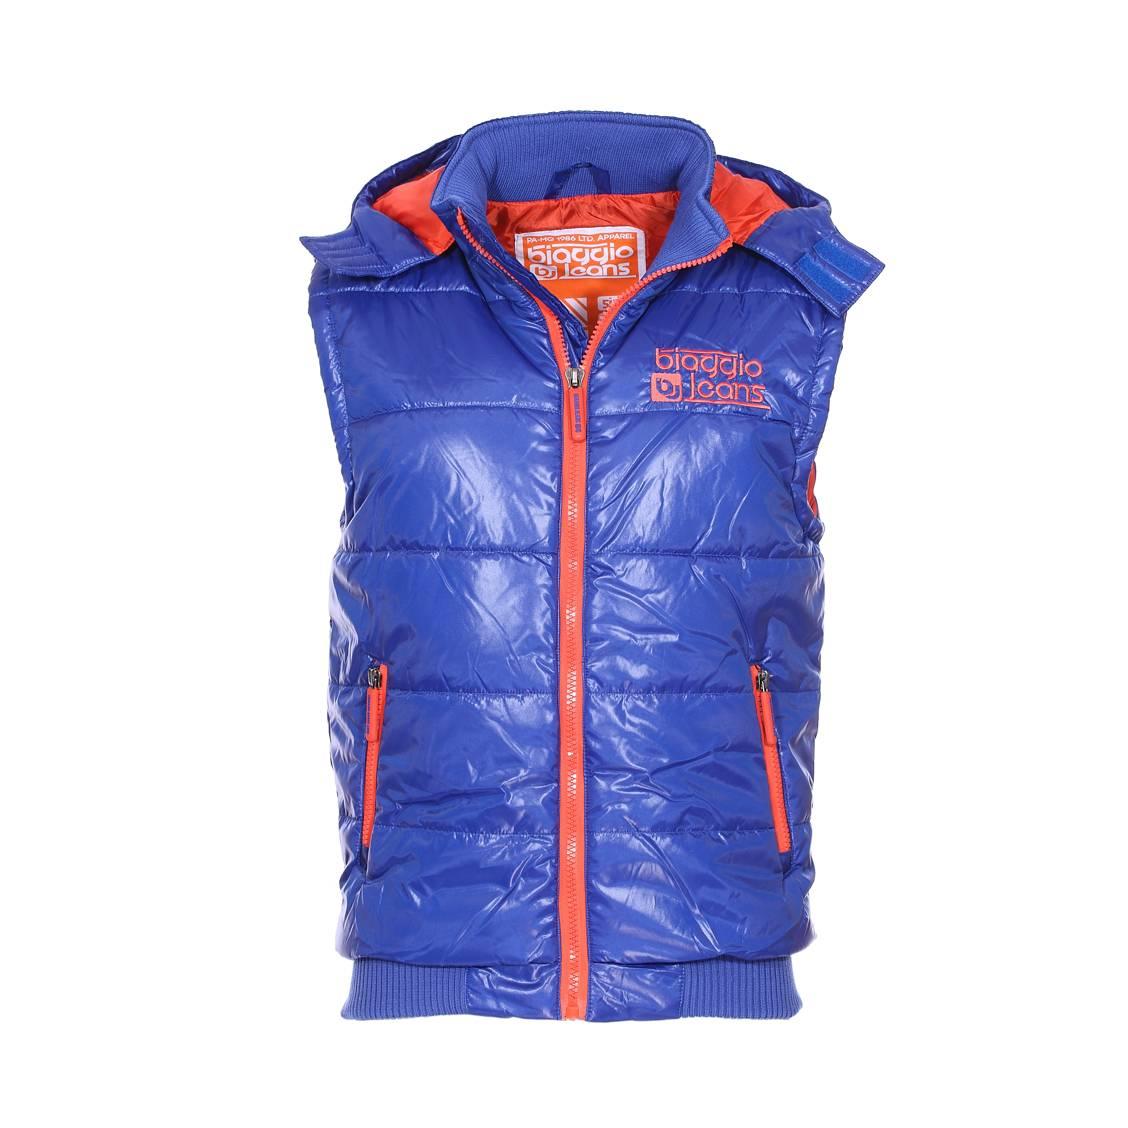 Doudoune sans manches à capuche amovible  bleu royal à détails orange